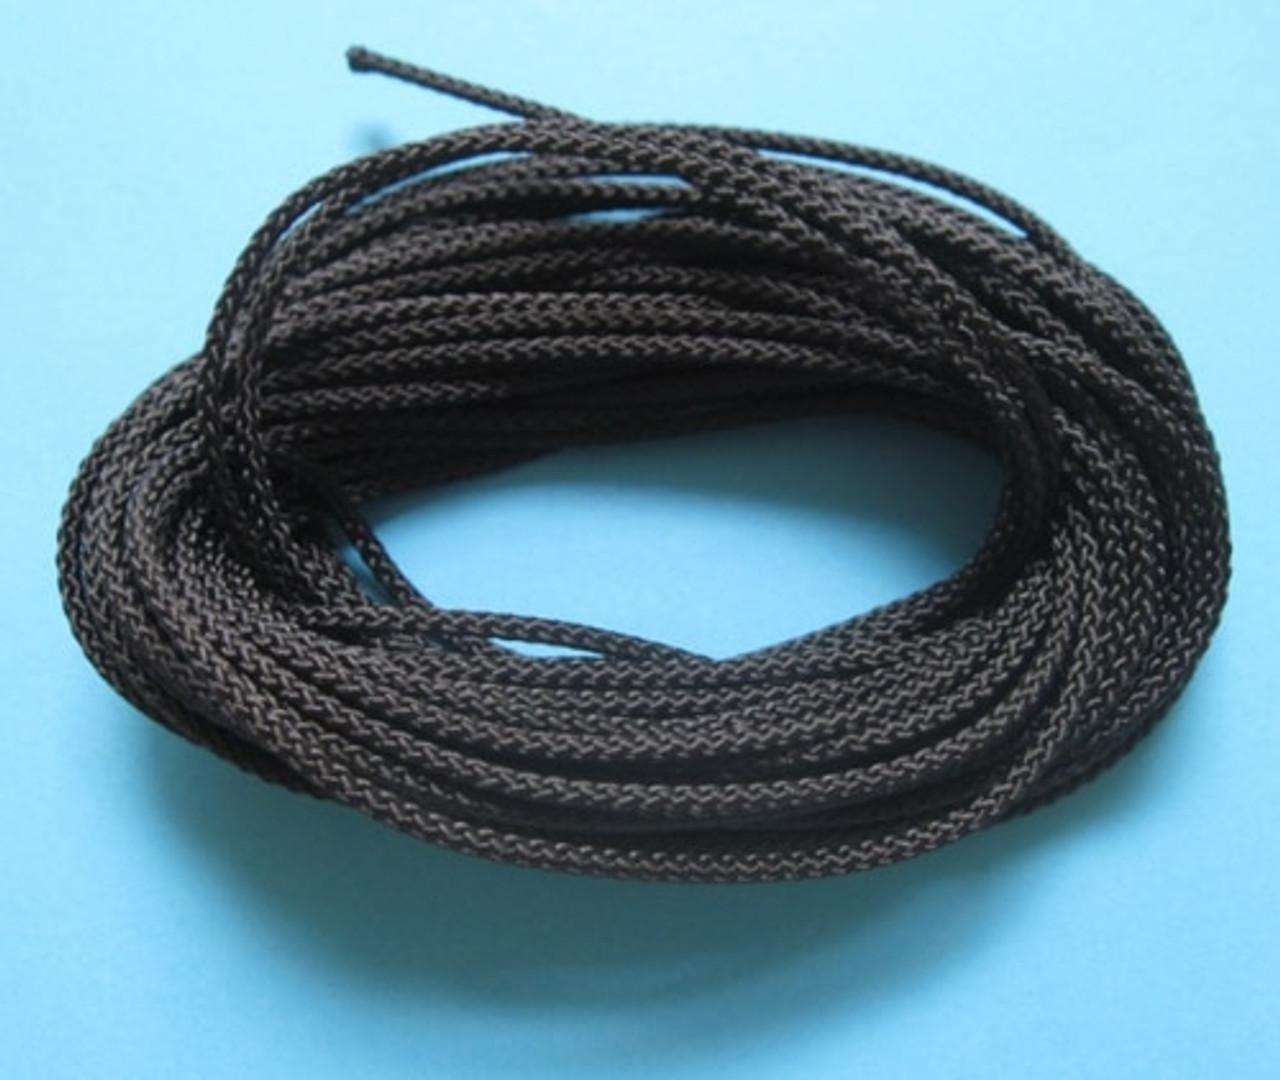 VB Cord - Black 3mm x 1metre